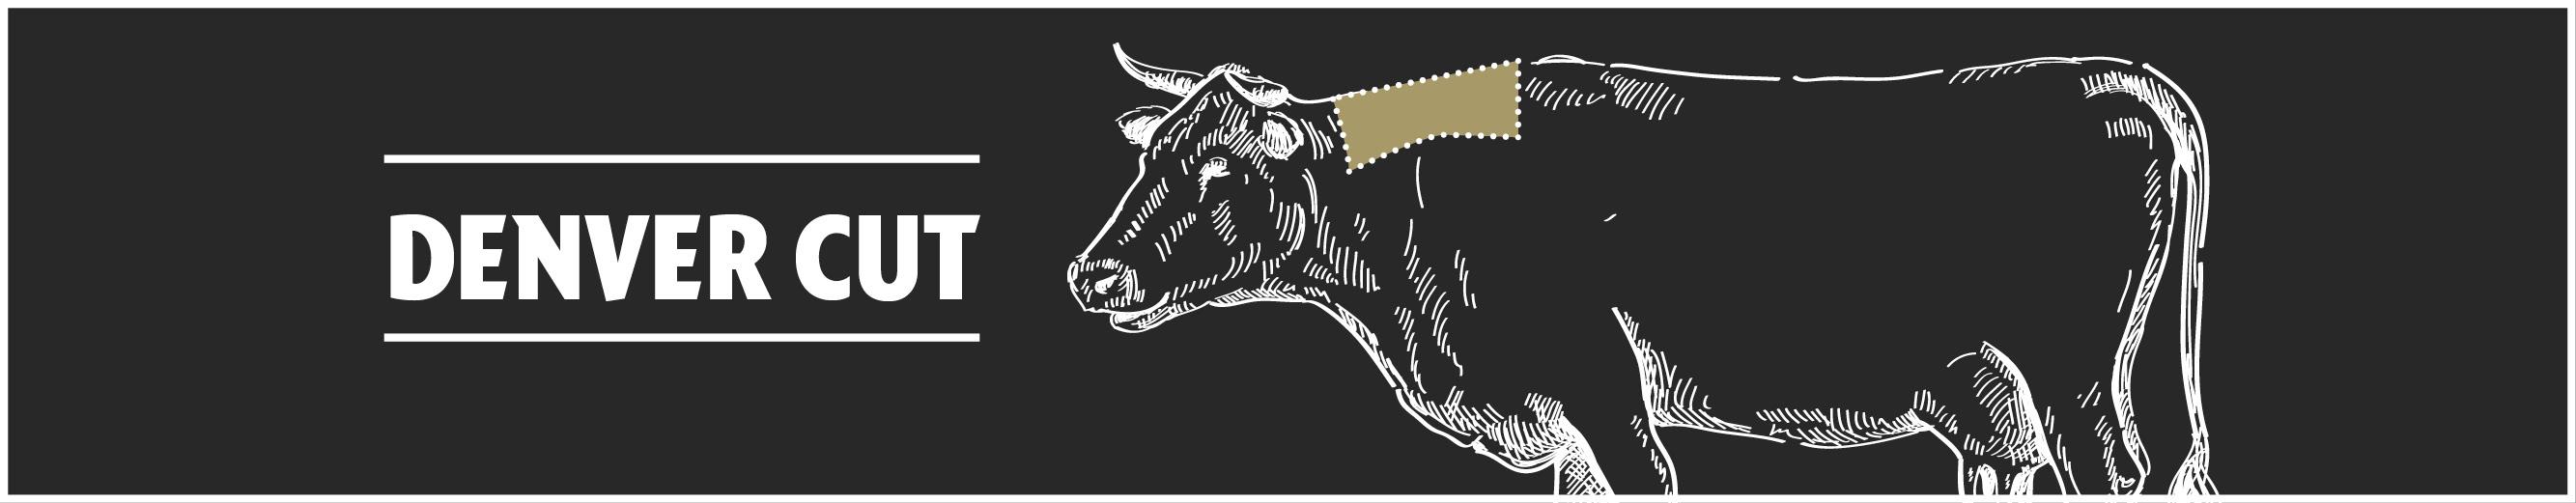 Rindernacken online kaufen bei Don Carne.de » Nur allerbeste Qualität ✔ Sichere & schnelle Lieferung ✔ Kontrollierte und zertifizierte Herkunft ✔ Kostenloser Versand ab 99€ Bestellwert ✔